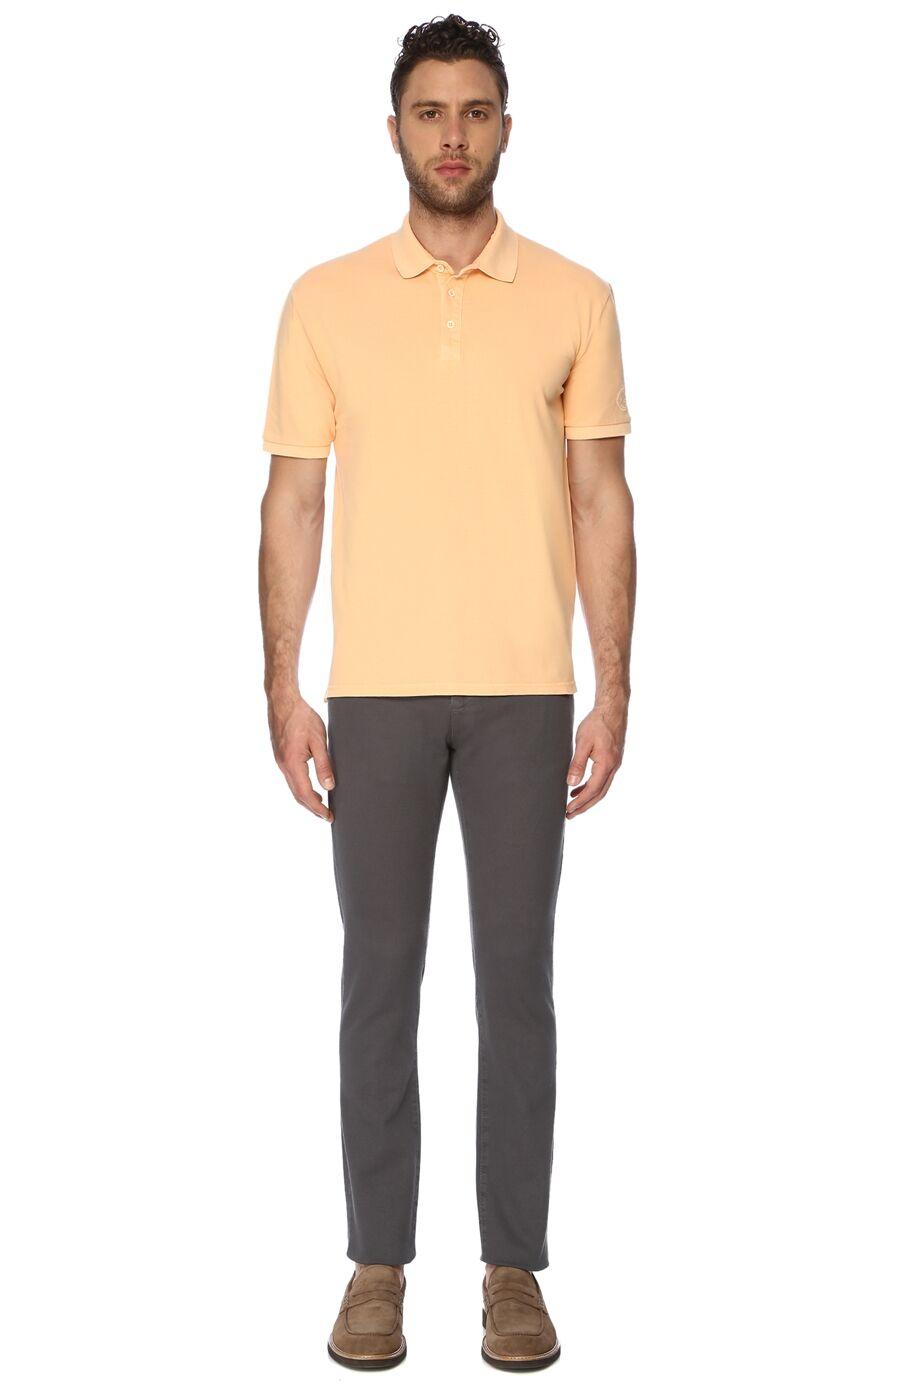 Polo Yaka Slim Fit Turuncu Tshirt